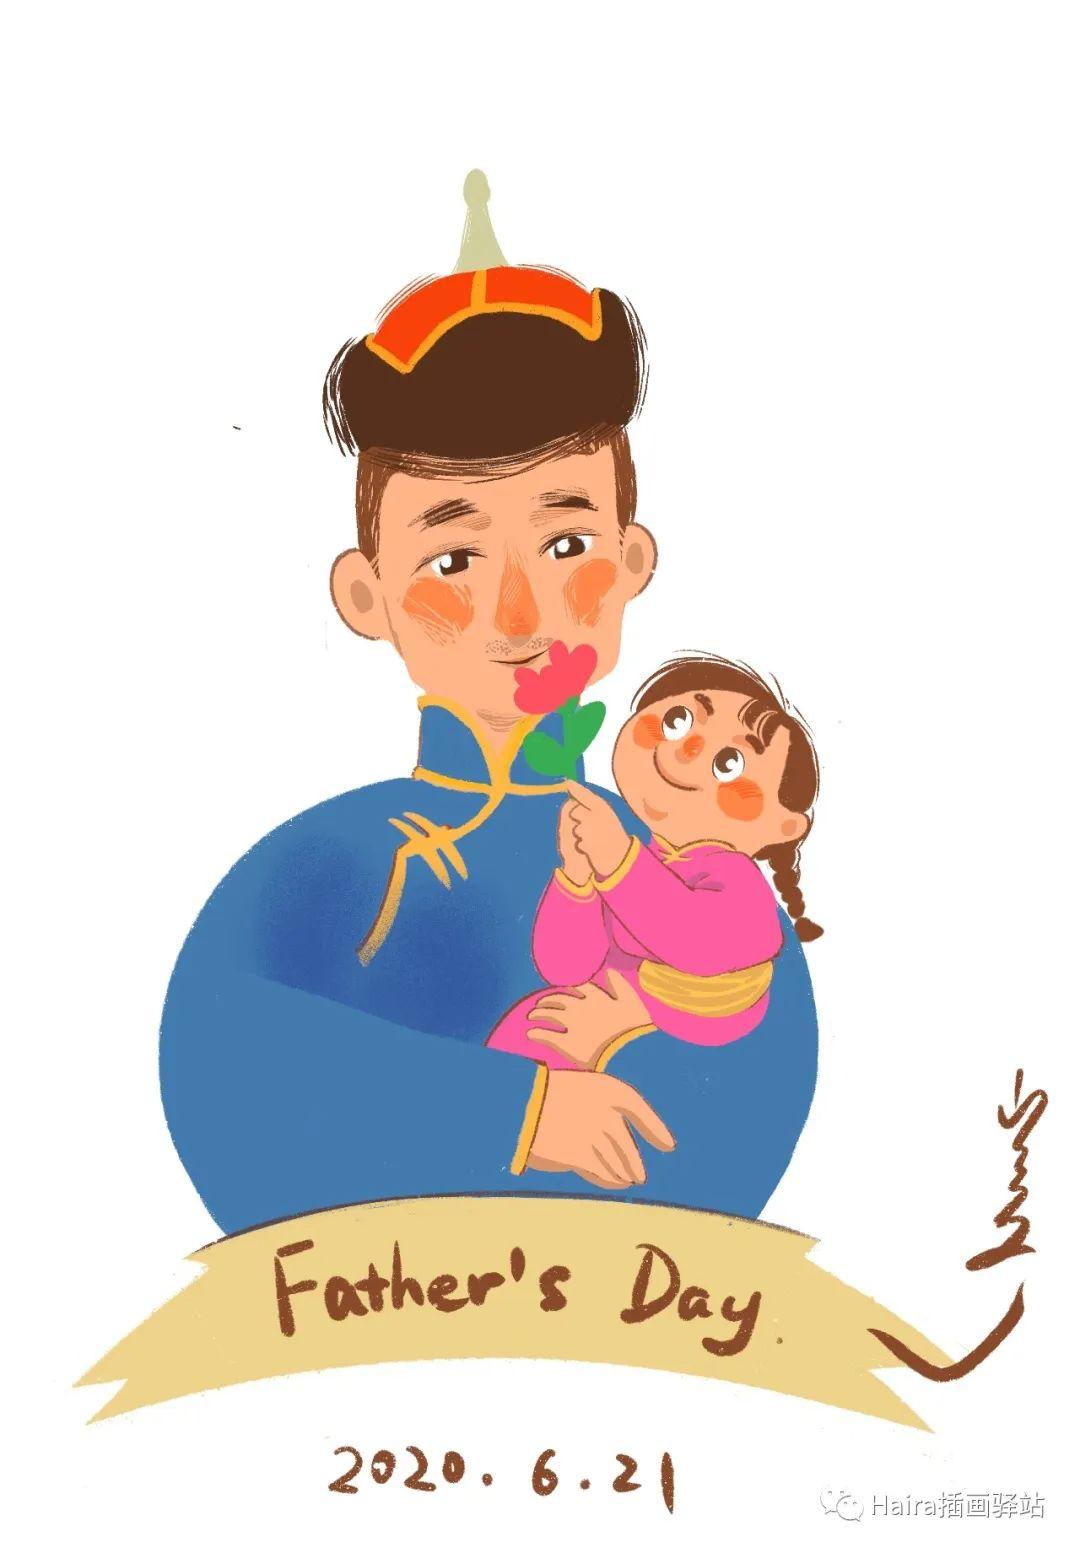 原创插图展|至我亲爱的父亲 第36张